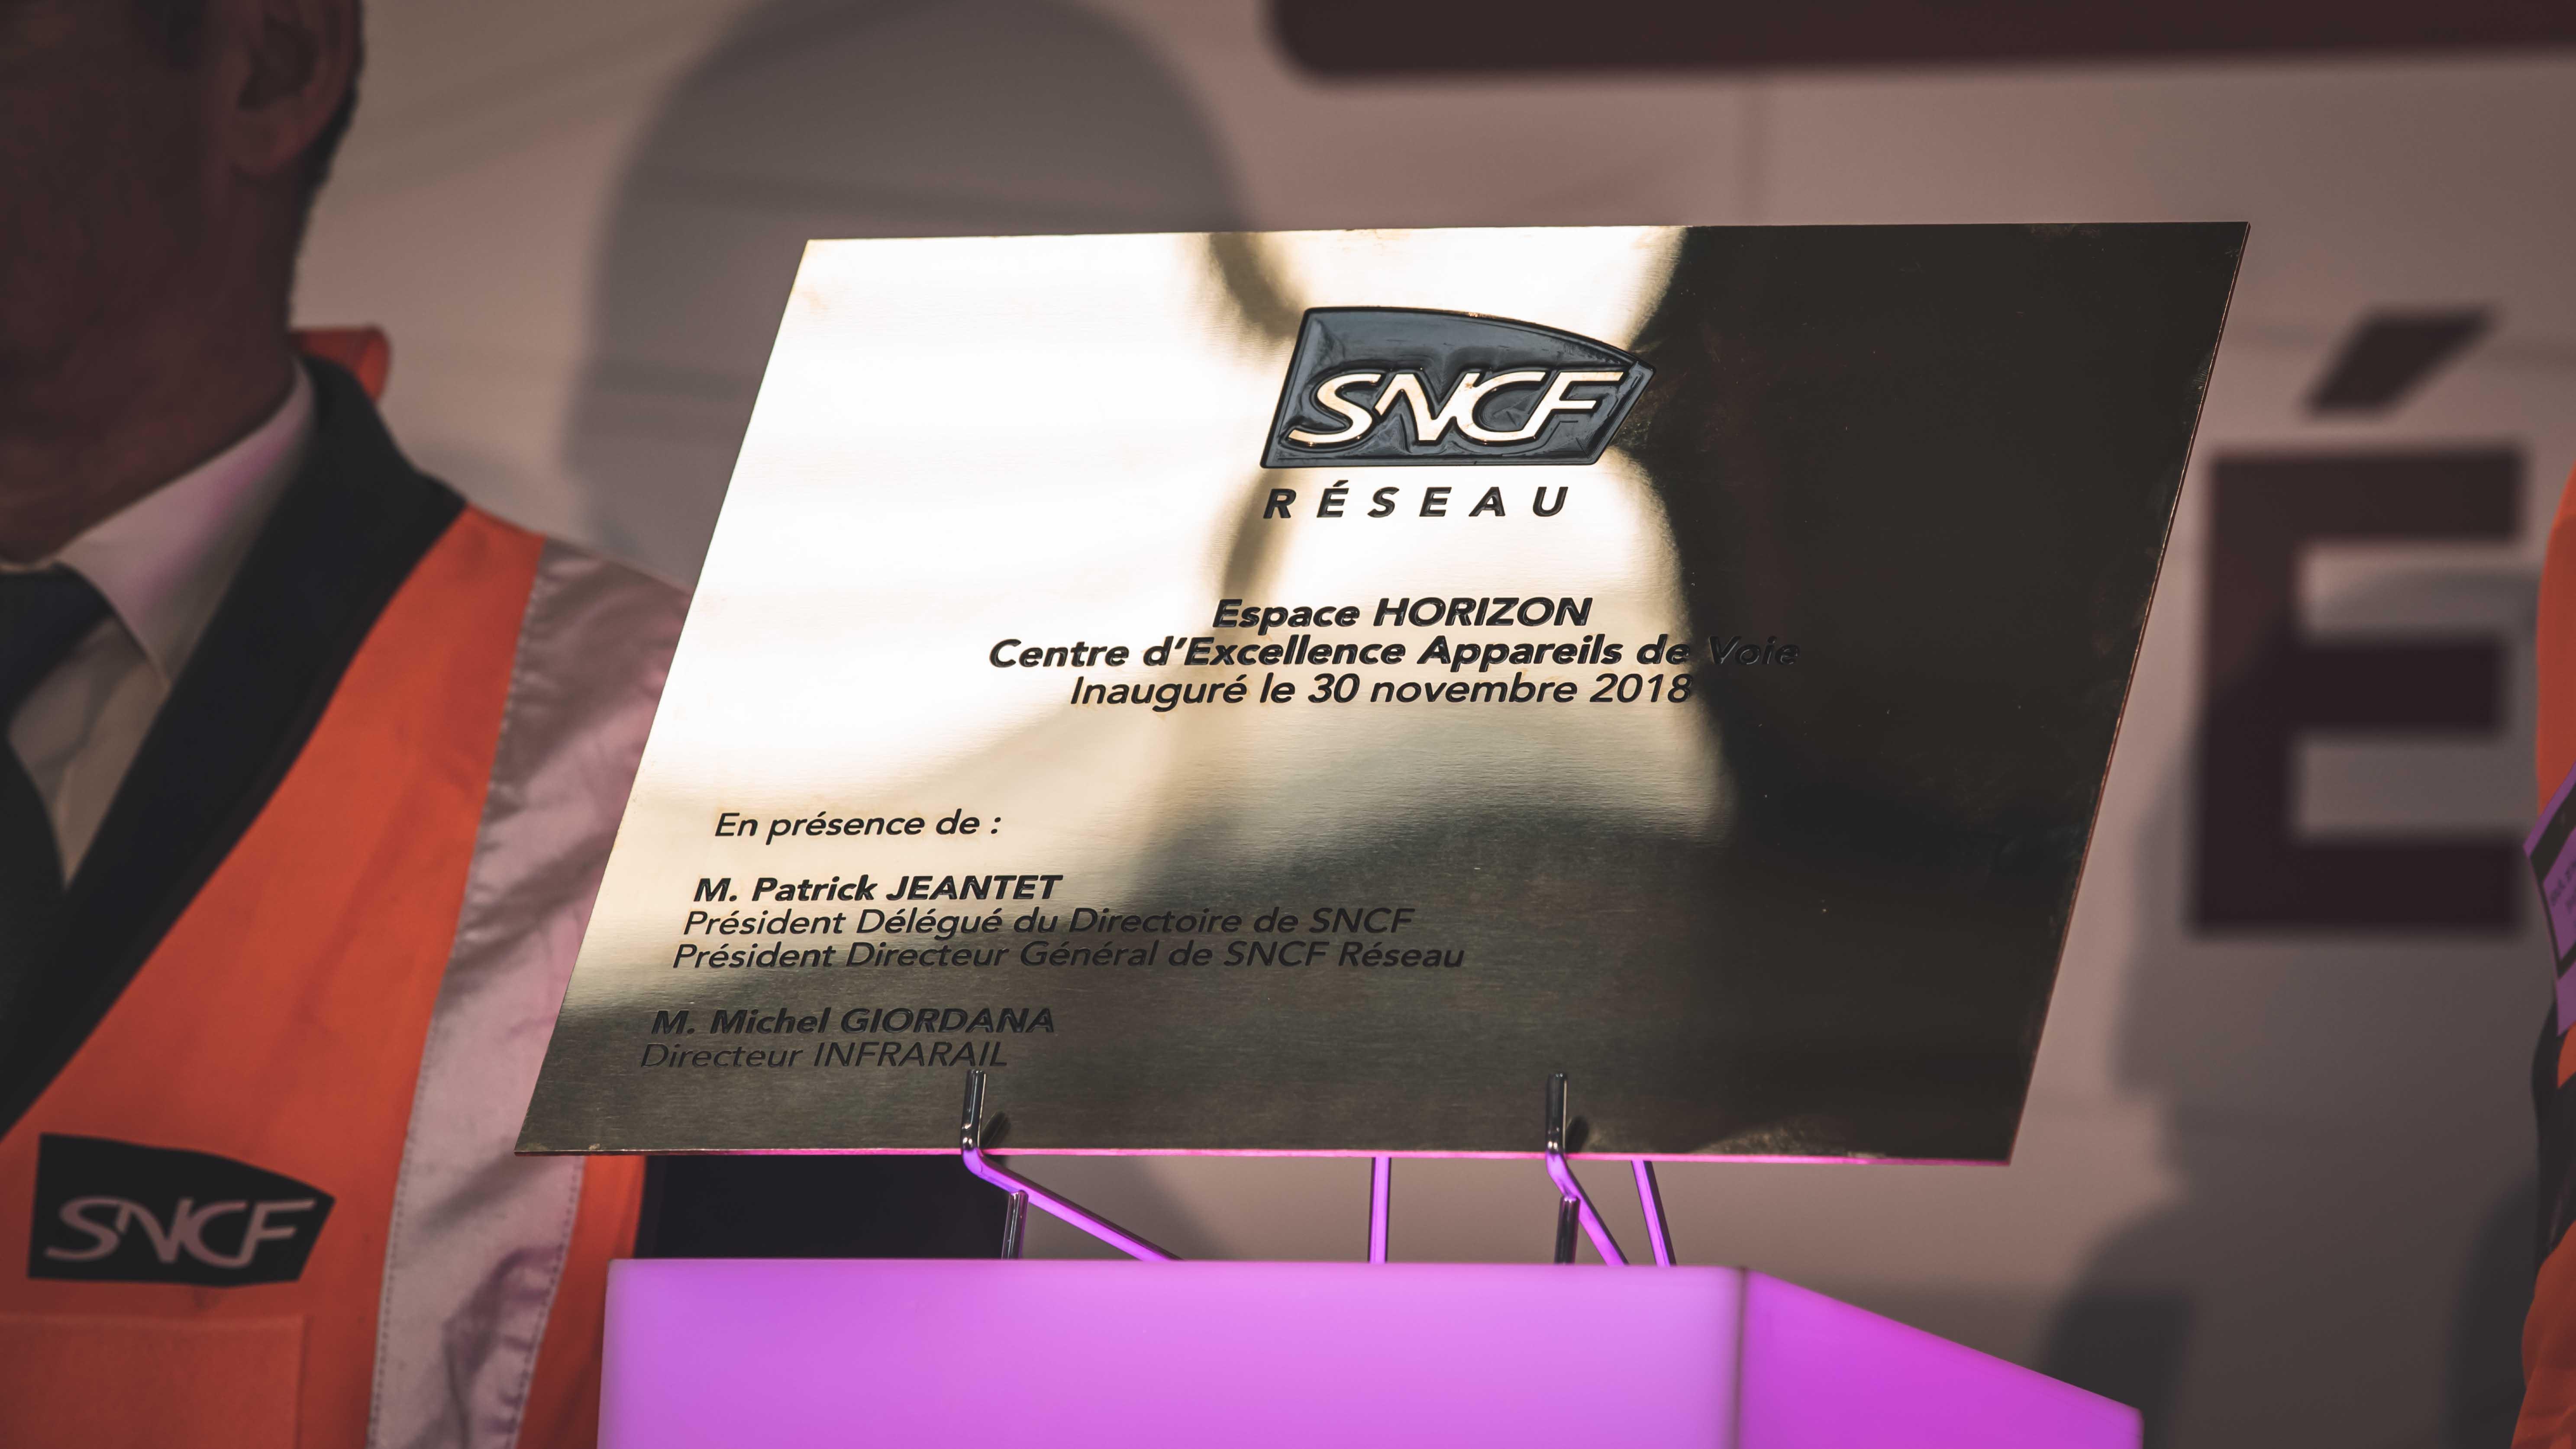 Plaque inaugurale Espace Horizon SNCF Réseau